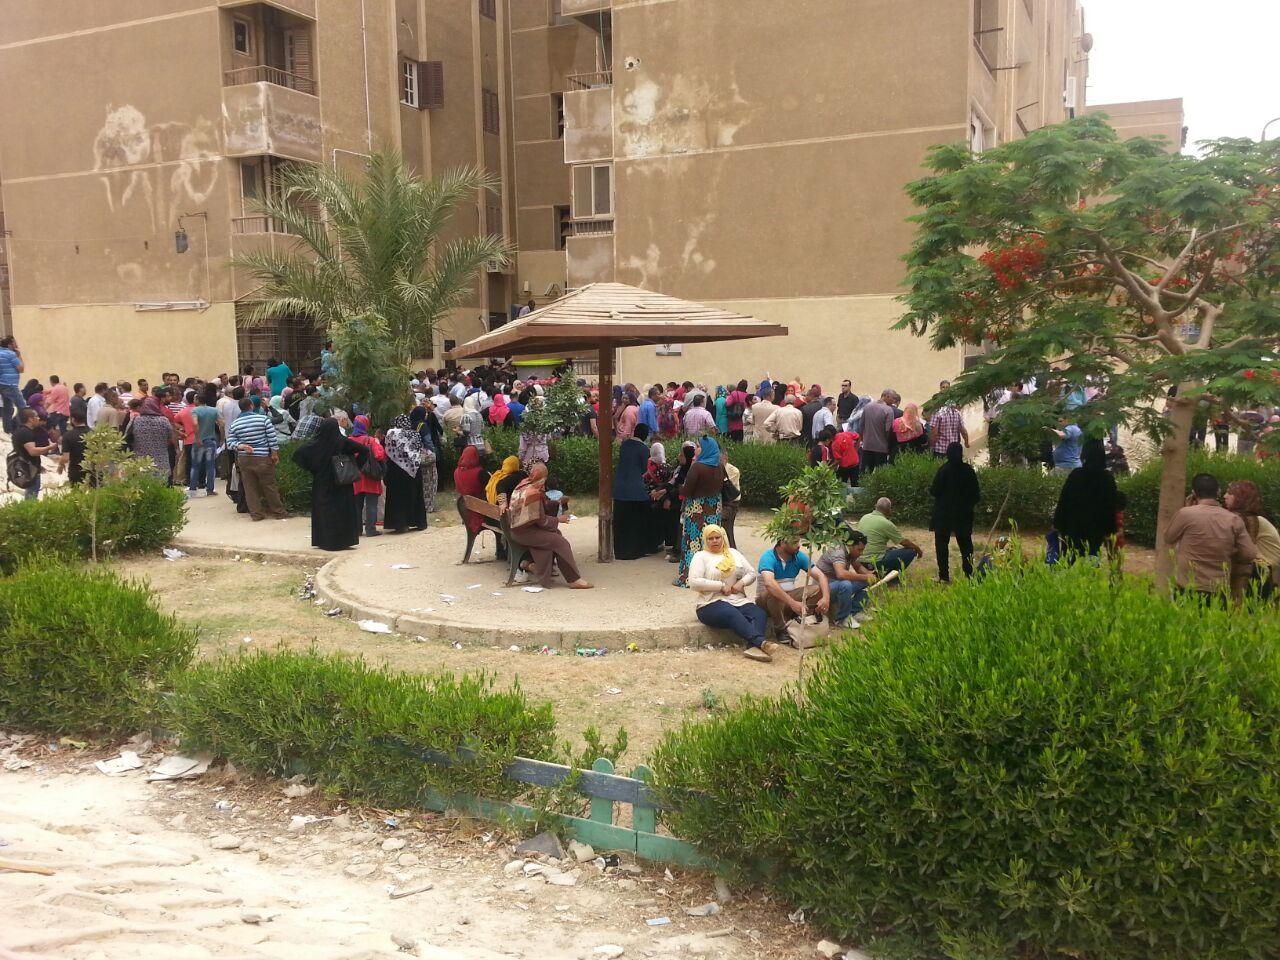 بالصور.. زحام أمام بنك التعمير والإسكان بالقاهرة الجديدة لحجز شقق محدودي الدخل